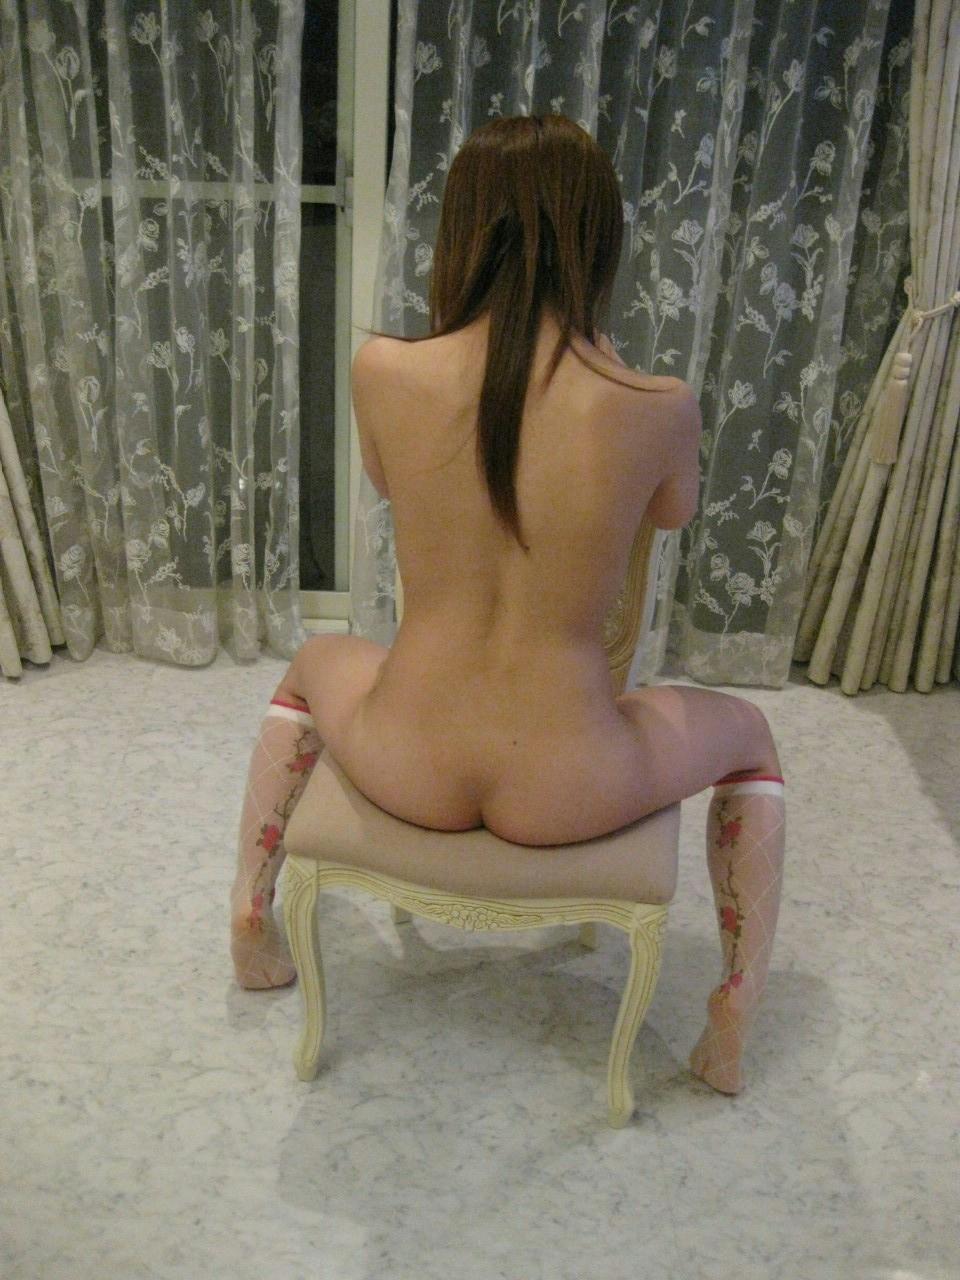 【背中フェチエロ画像】うなじから下まで舐め回したい…少し見える乳もたまらん女体の後ろwww 17